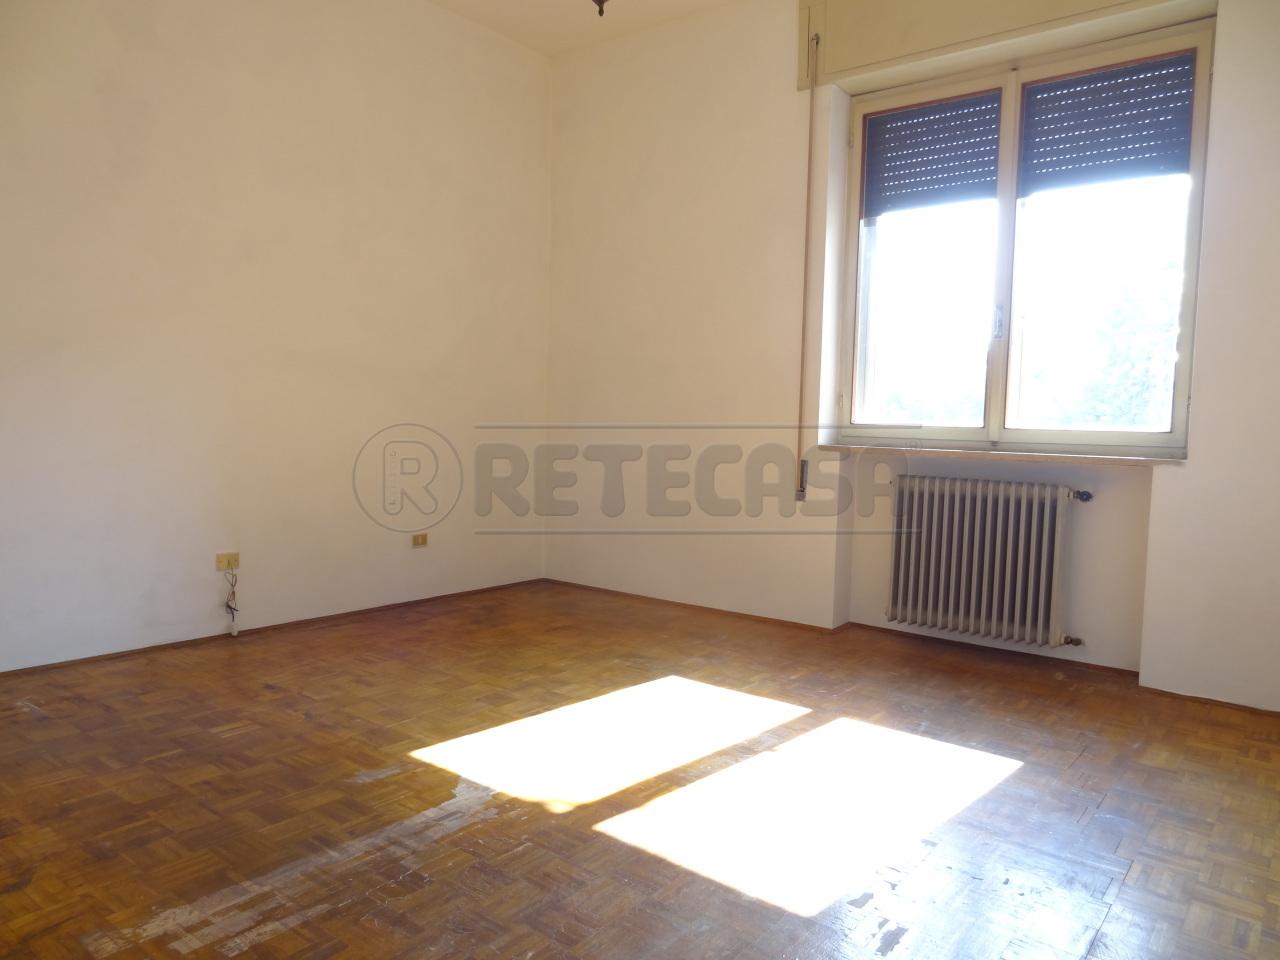 Appartamento in vendita a Breganze, 4 locali, prezzo € 65.000 | Cambio Casa.it